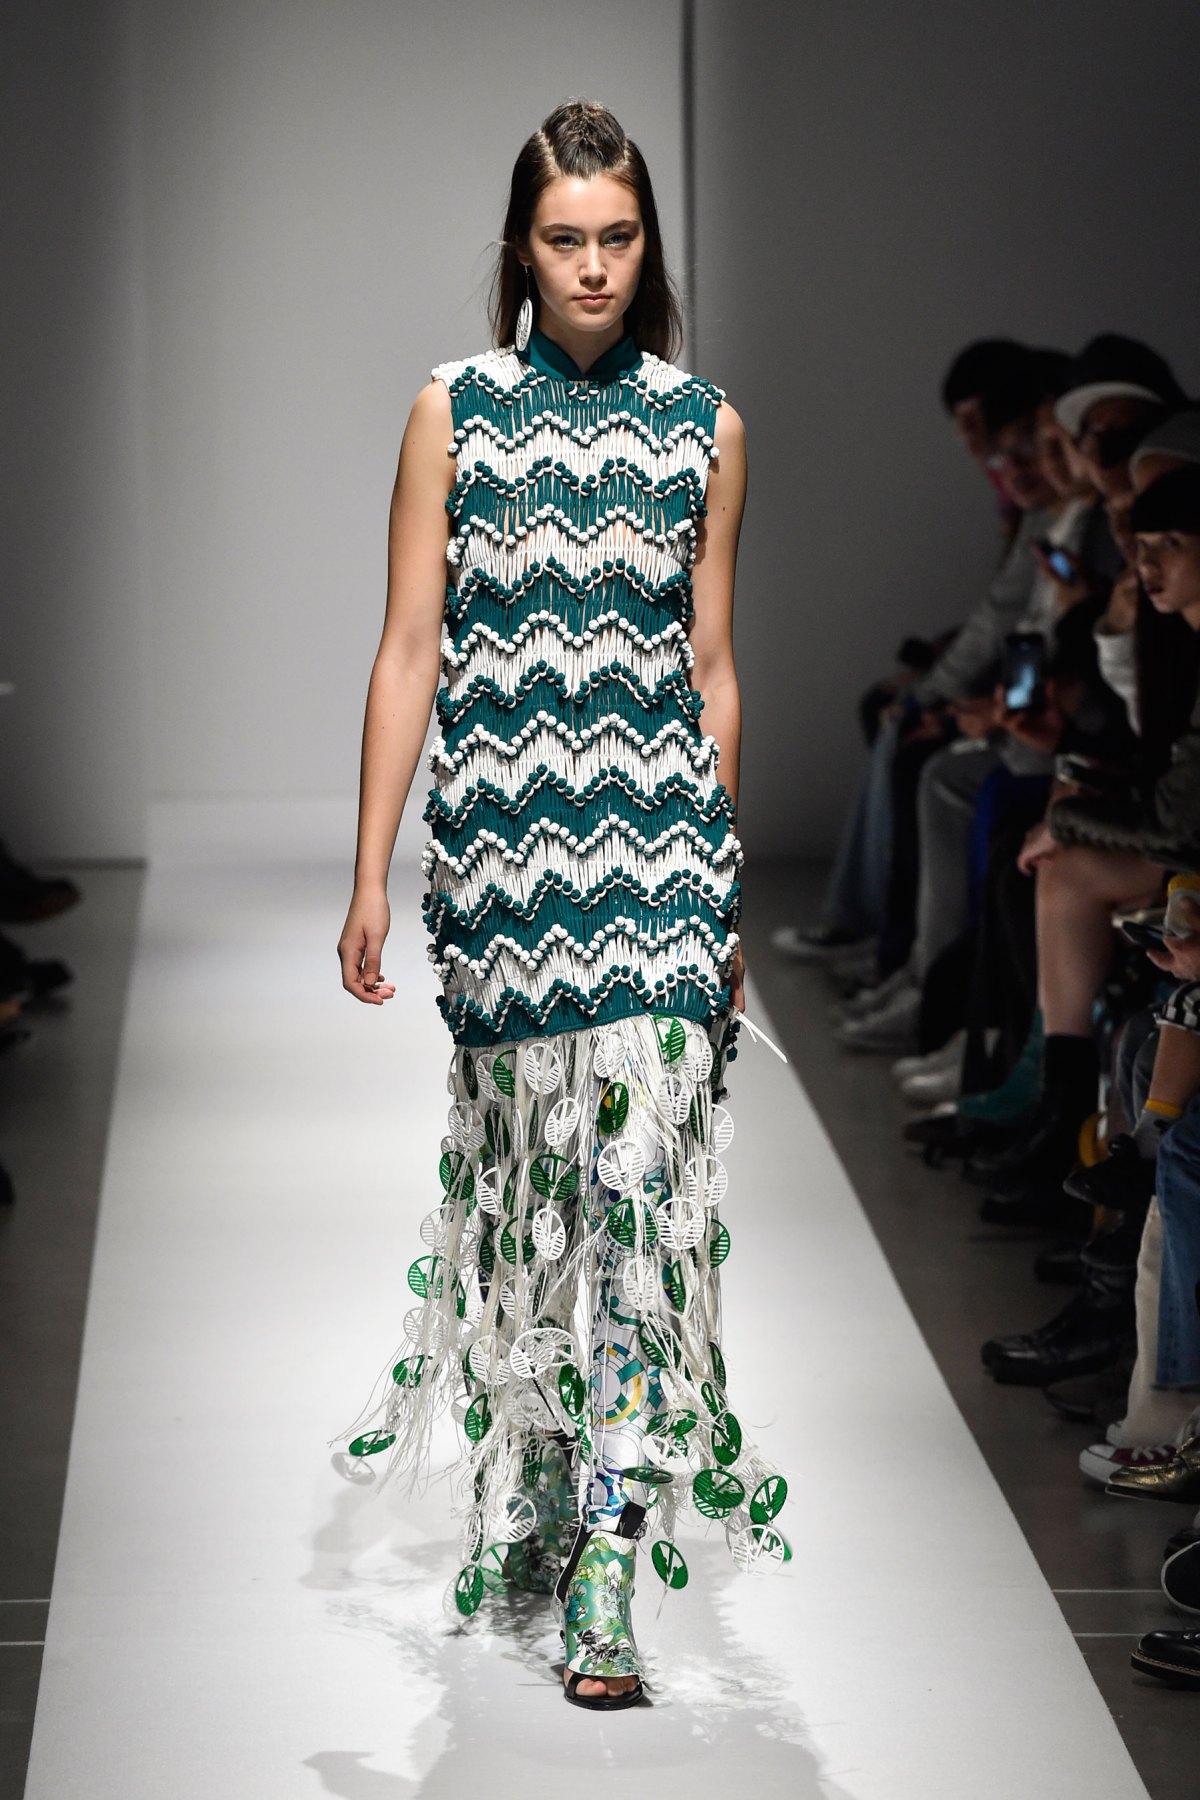 Fashion Hong Kong RS17 0083